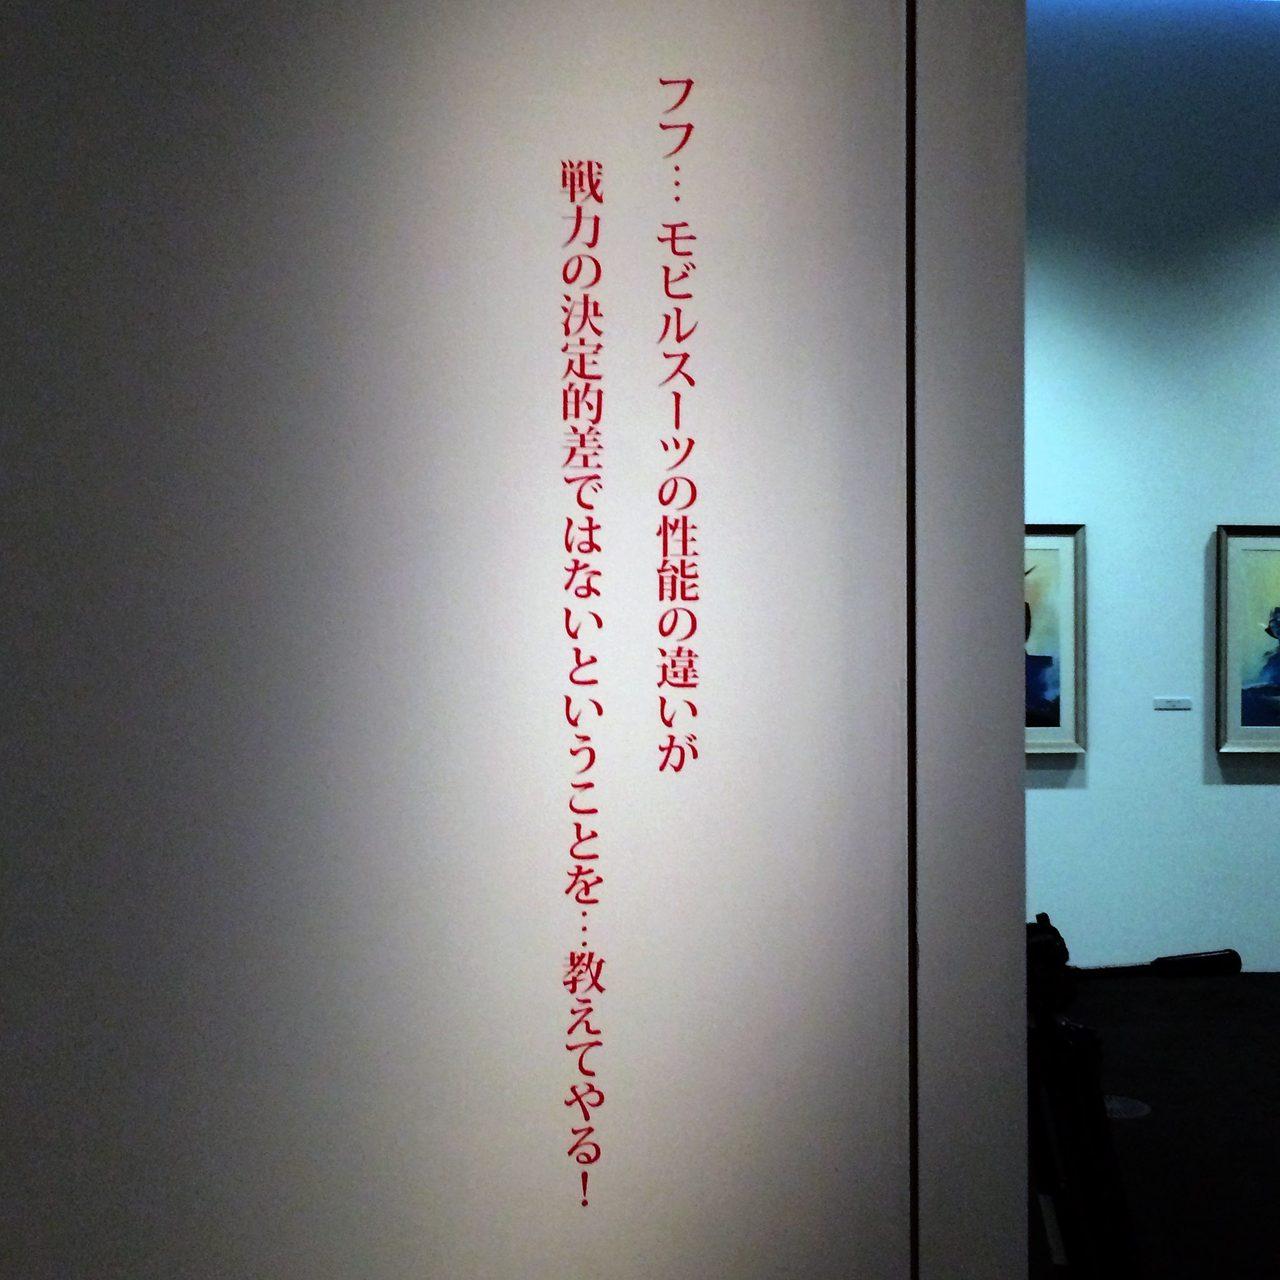 画像: 壁のテキスト photo(C)cinefil art review